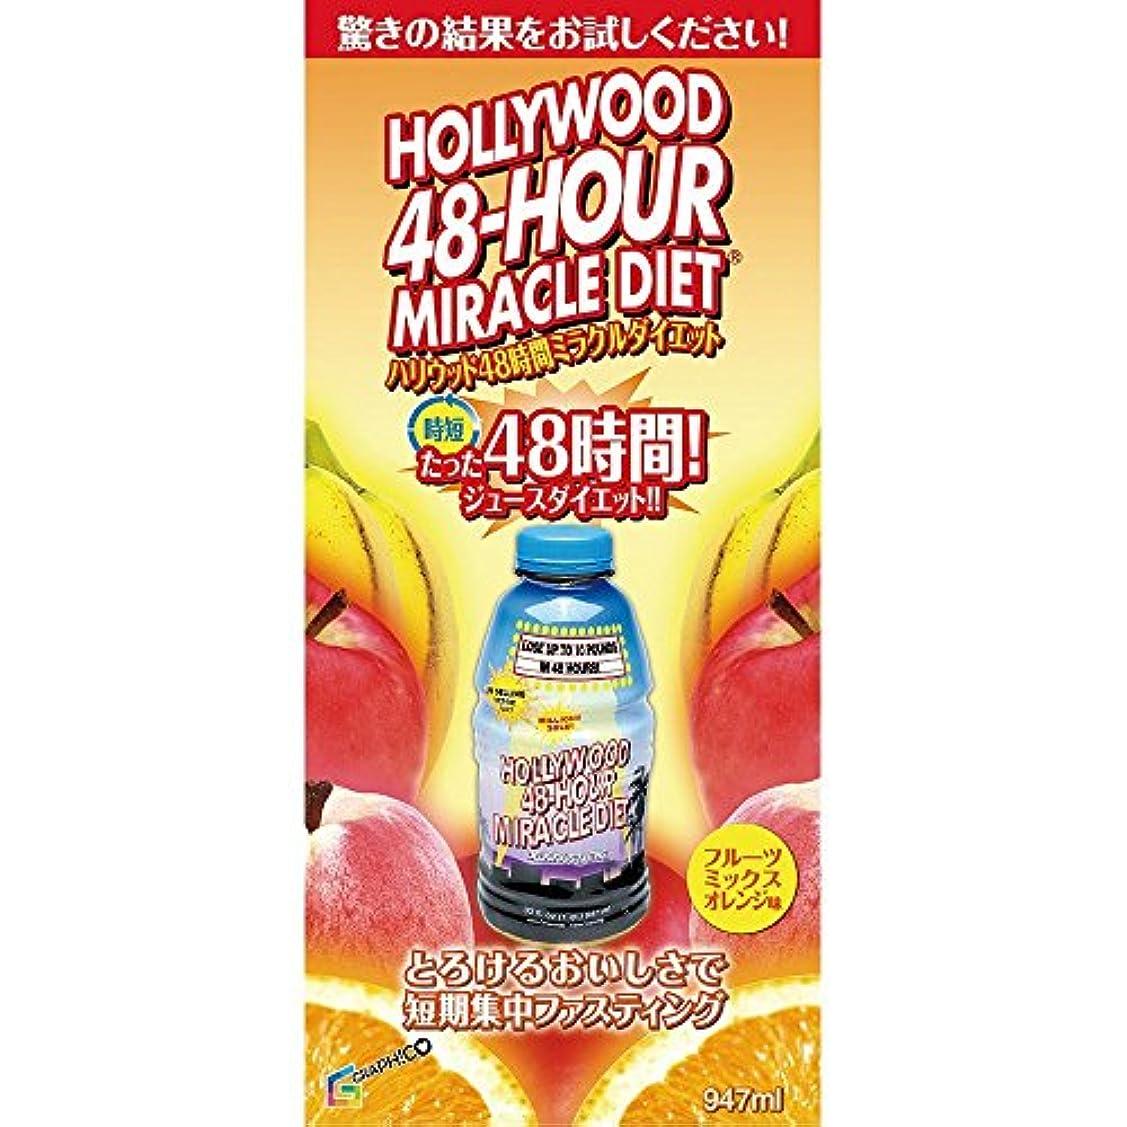 無実長くするいわゆるハリウッド48時間 ミラクルダイエット (フルーツミックスオレンジ味) 947ml